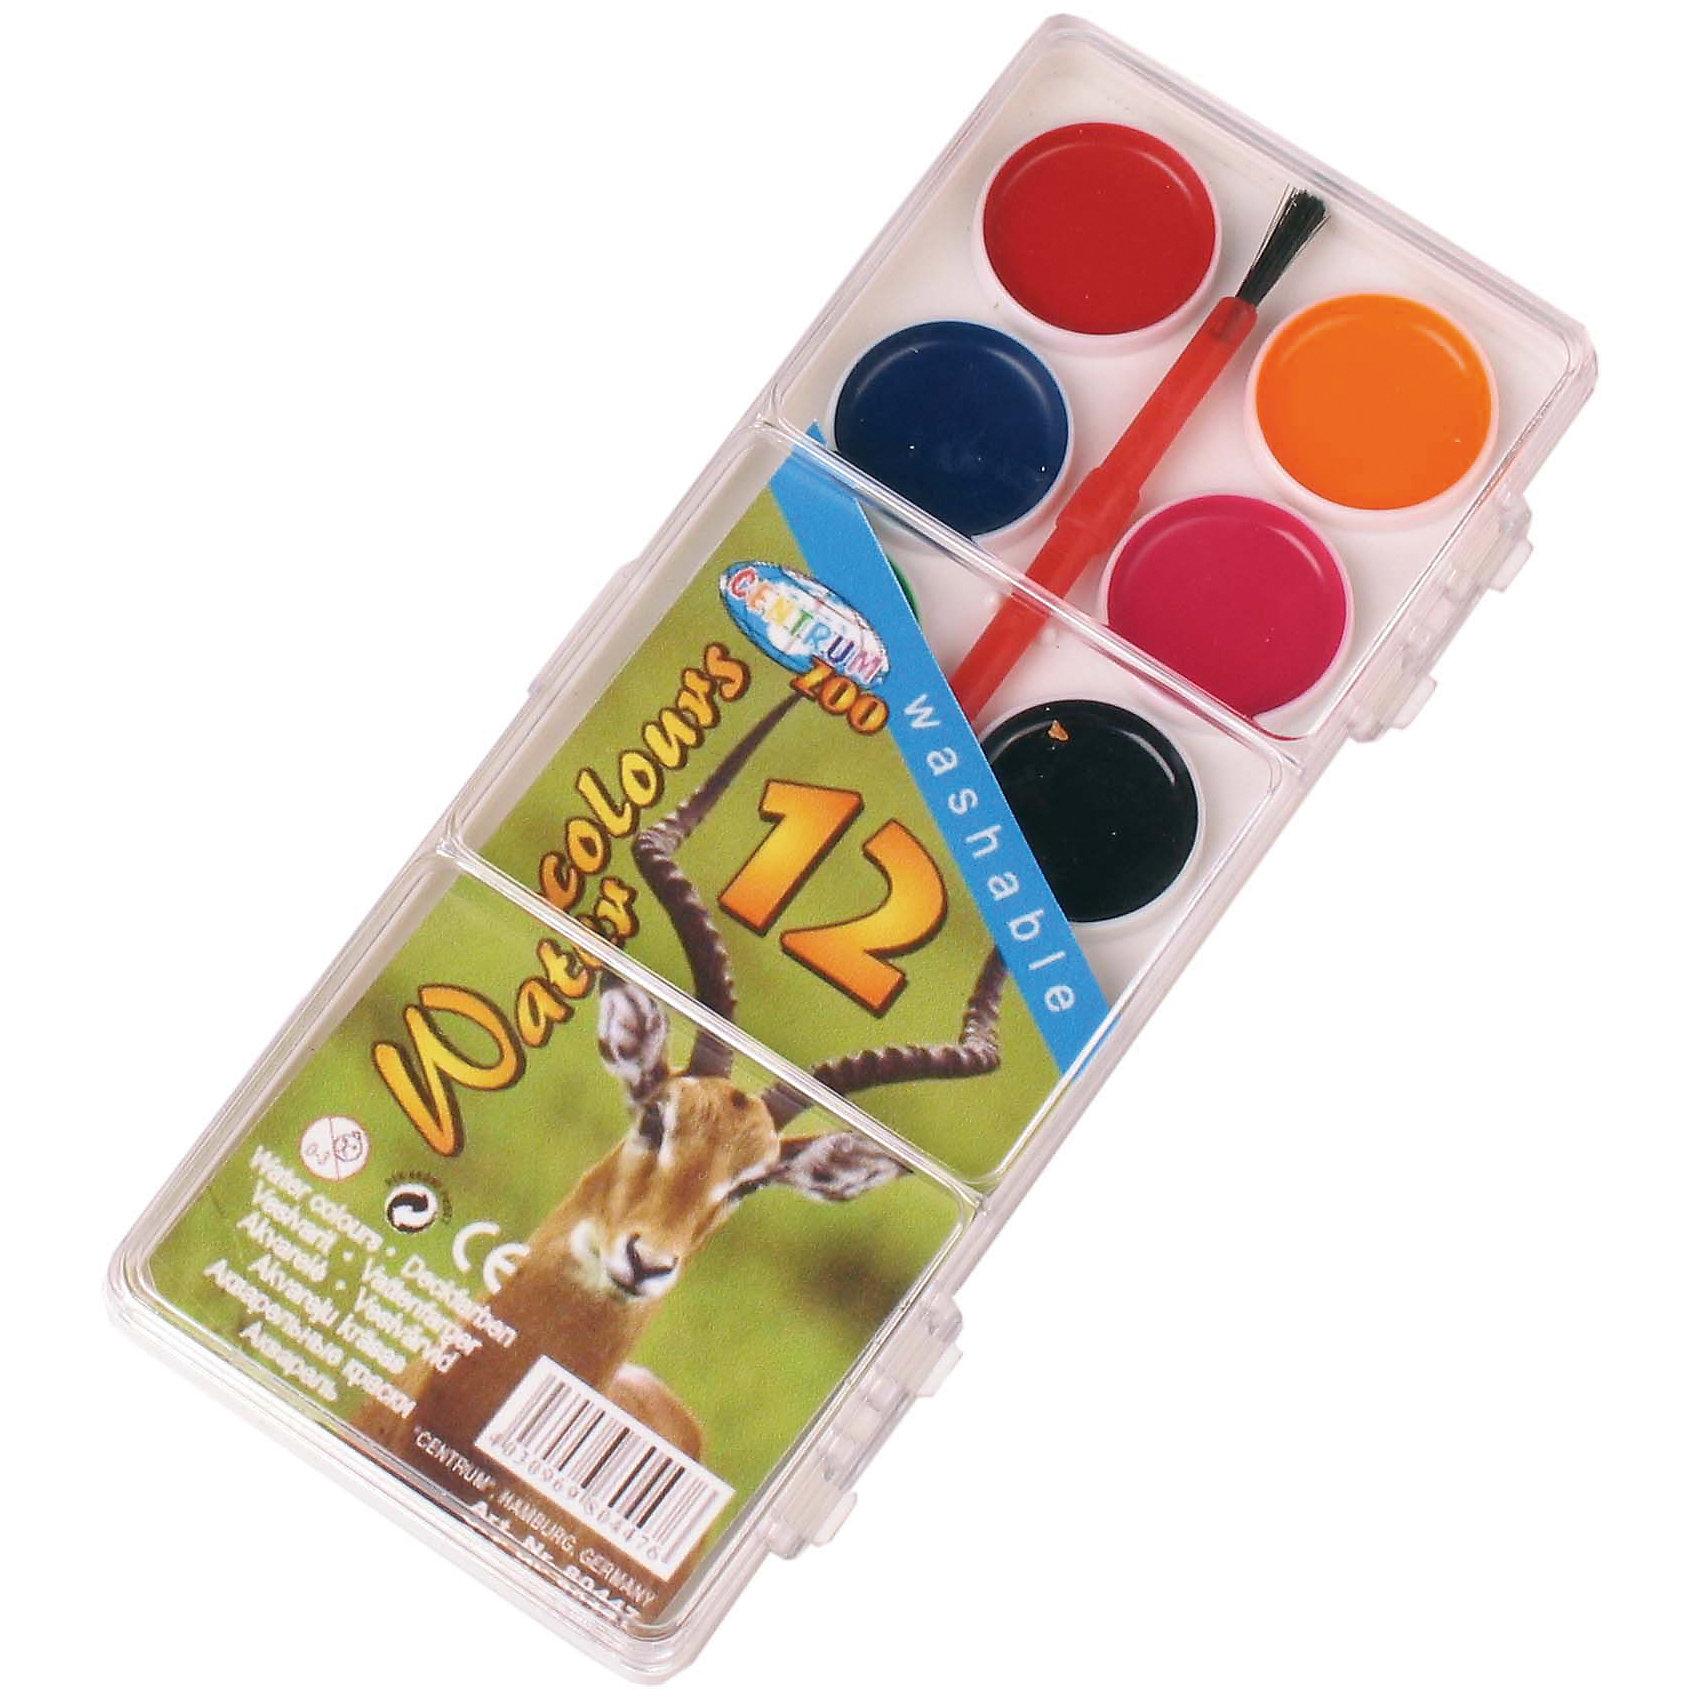 Акварель медовая 12 цветовАкварель<br>Акварель медовая 12 цветов<br><br>Характеристики:<br><br>- в набор входит: краски, кисть<br>- размер упаковки: 16,5 * 1 * 6,5 см.<br>- для детей в возрасте: от 3 до 10 лет<br>- страна производитель: Китай<br><br>Целый набор ярких акварельных красок из коллекции «Зоопарк» от немецкого бренда Centrum (Центрум) понравится как девочкам, так и мальчикам! Классические двенадцать цветов, которые можно смешивать между собой позволят выполнить любой шедевр. Специальная формула красок хорошо отмывается от одежды и в тоже время позволяет цветам быть насыщенными на альбомном листе. Работая с краскам дети развивают творческие способности, аккуратность, моторику рук, усидчивость, восприятие цвета и логику смешивания цветов, выражают свой внутренний мир в рисунках. <br><br>Акварель медовую 12 цветов можно купить в нашем интернет-магазине.<br><br>Ширина мм: 10<br>Глубина мм: 65<br>Высота мм: 165<br>Вес г: 54<br>Возраст от месяцев: 36<br>Возраст до месяцев: 120<br>Пол: Унисекс<br>Возраст: Детский<br>SKU: 5175459